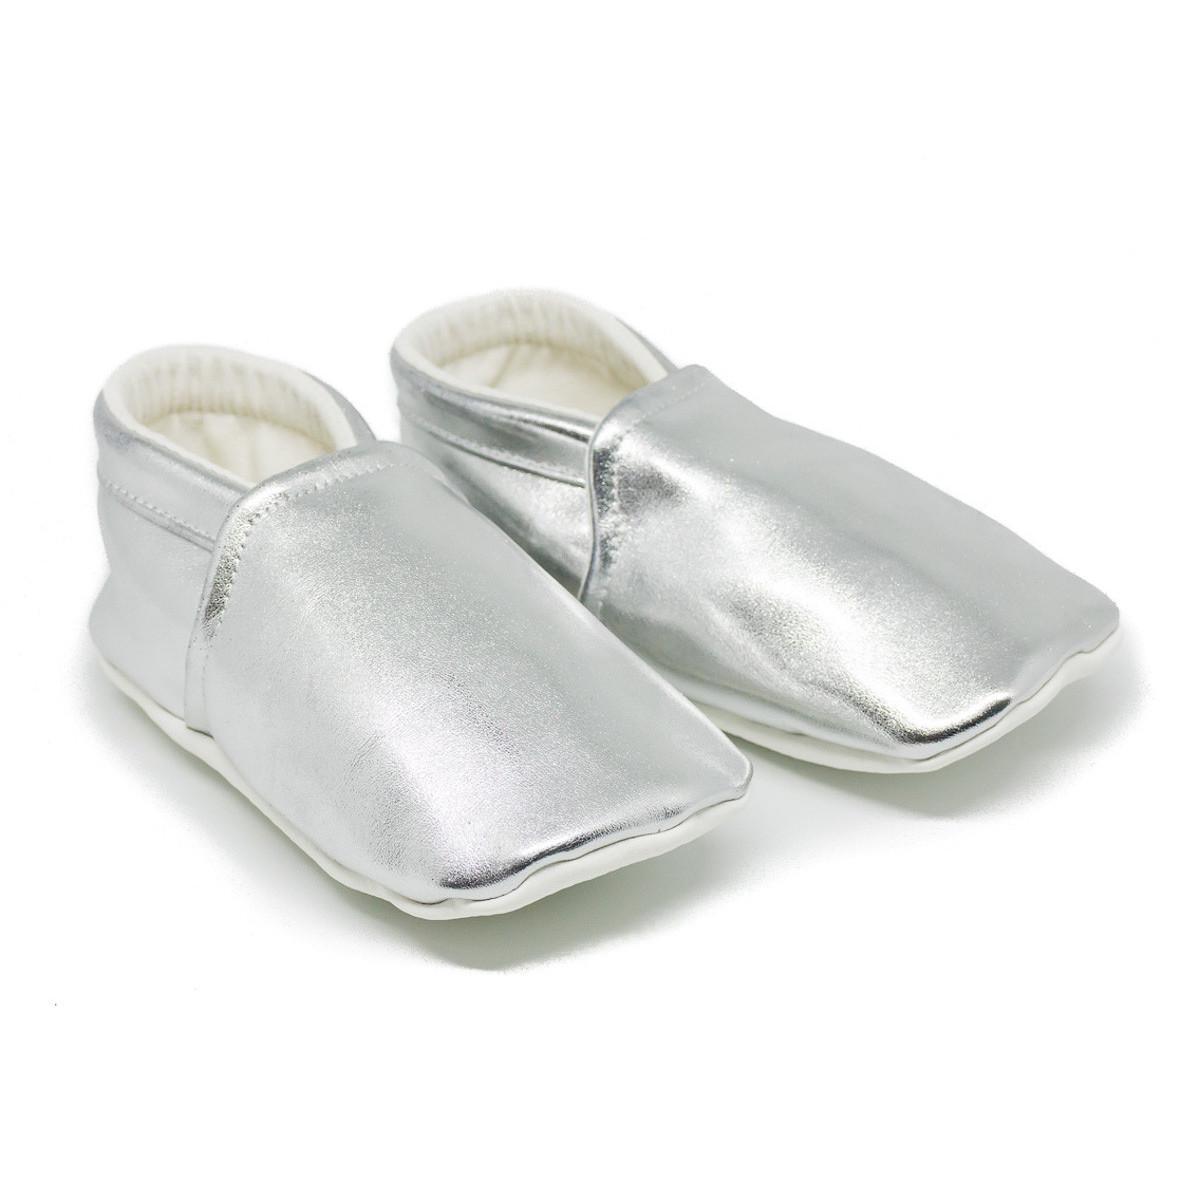 Chaussons bébé souples 0-24 mois brillant gris argent